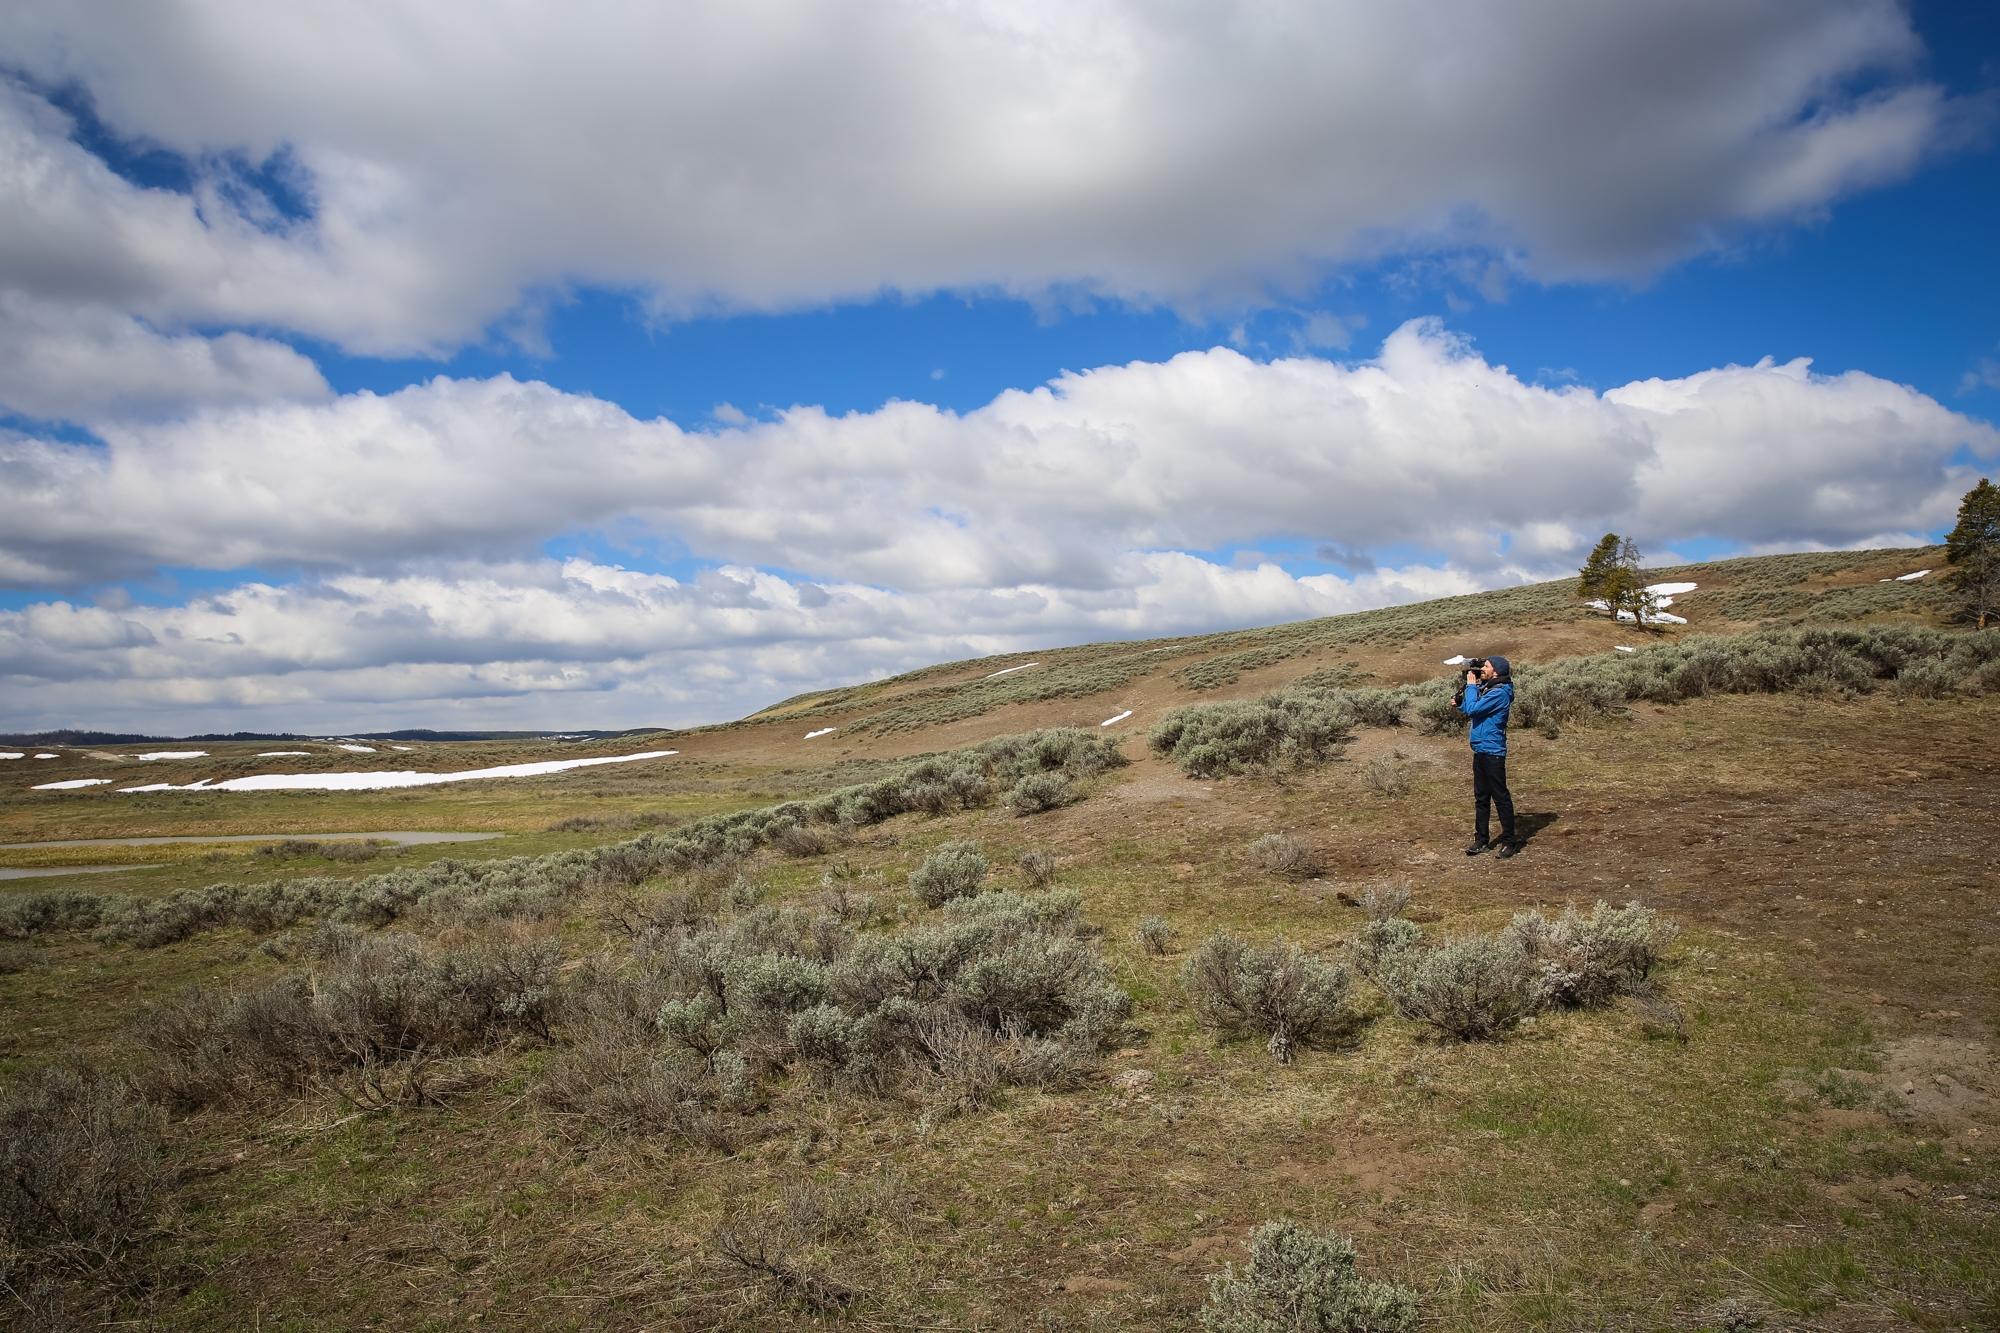 Christian in Yellowstone (by Katalin Hanappi)